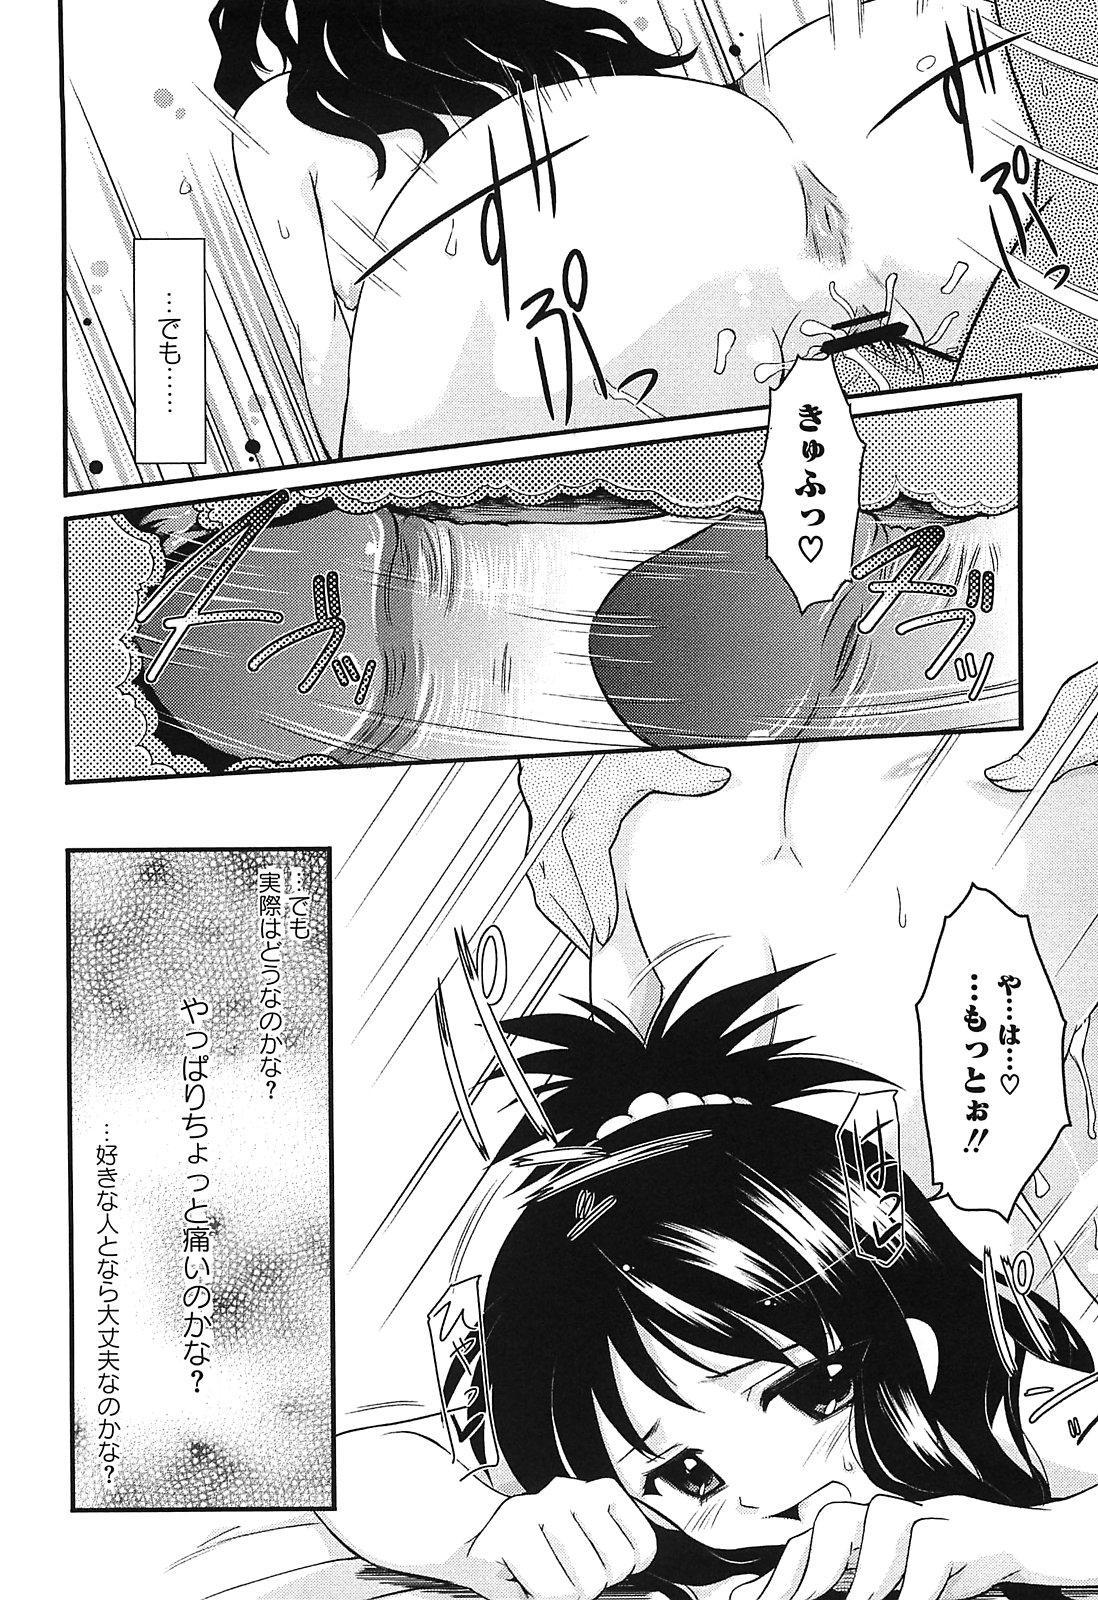 Mikan no Eroburu Nikki 116